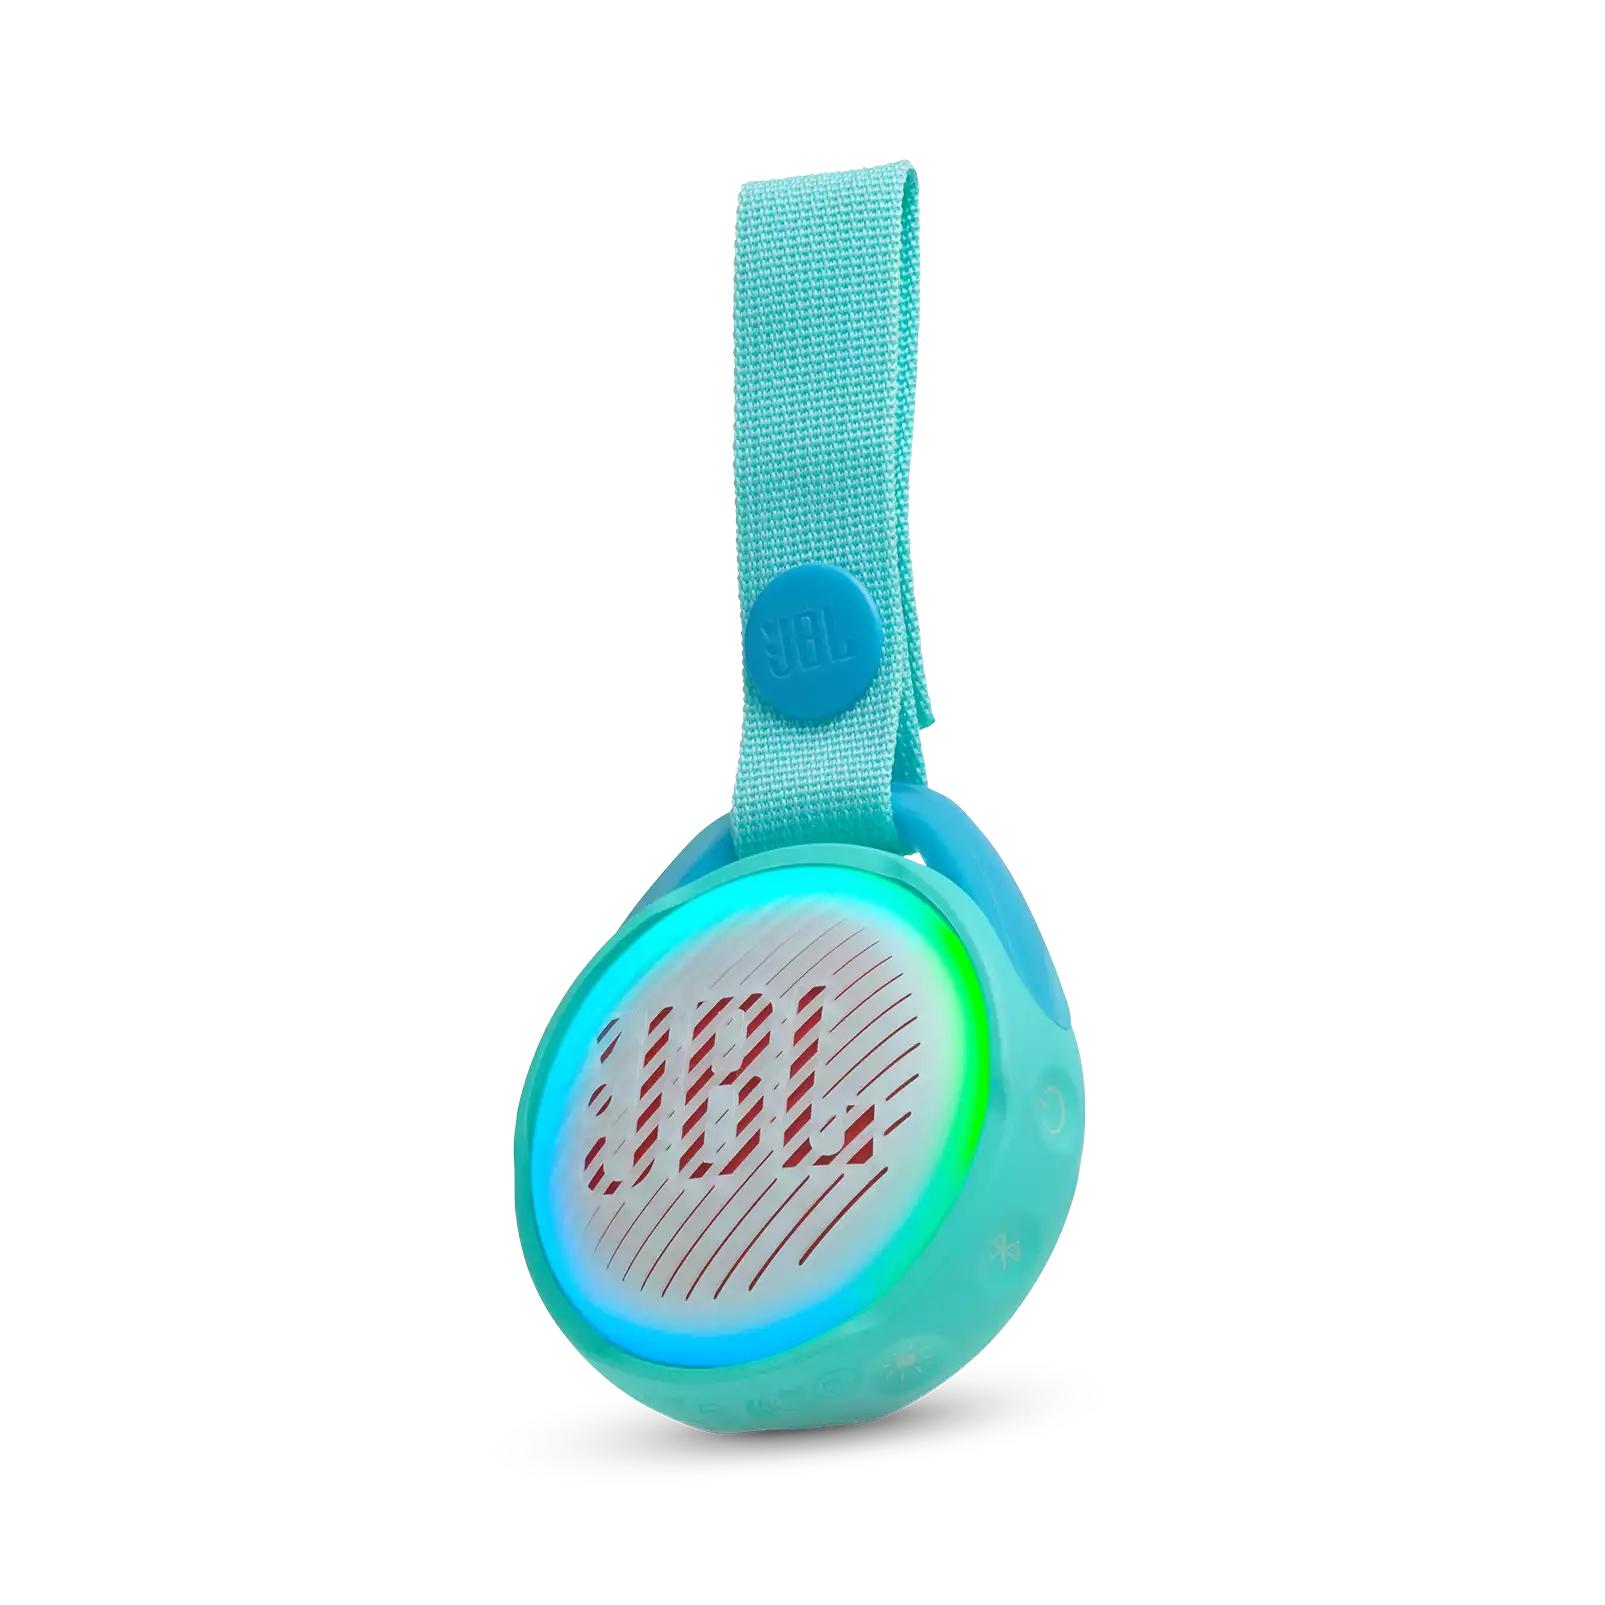 Parlante Portatil JBL Jr Pop Aqua Bluetooth